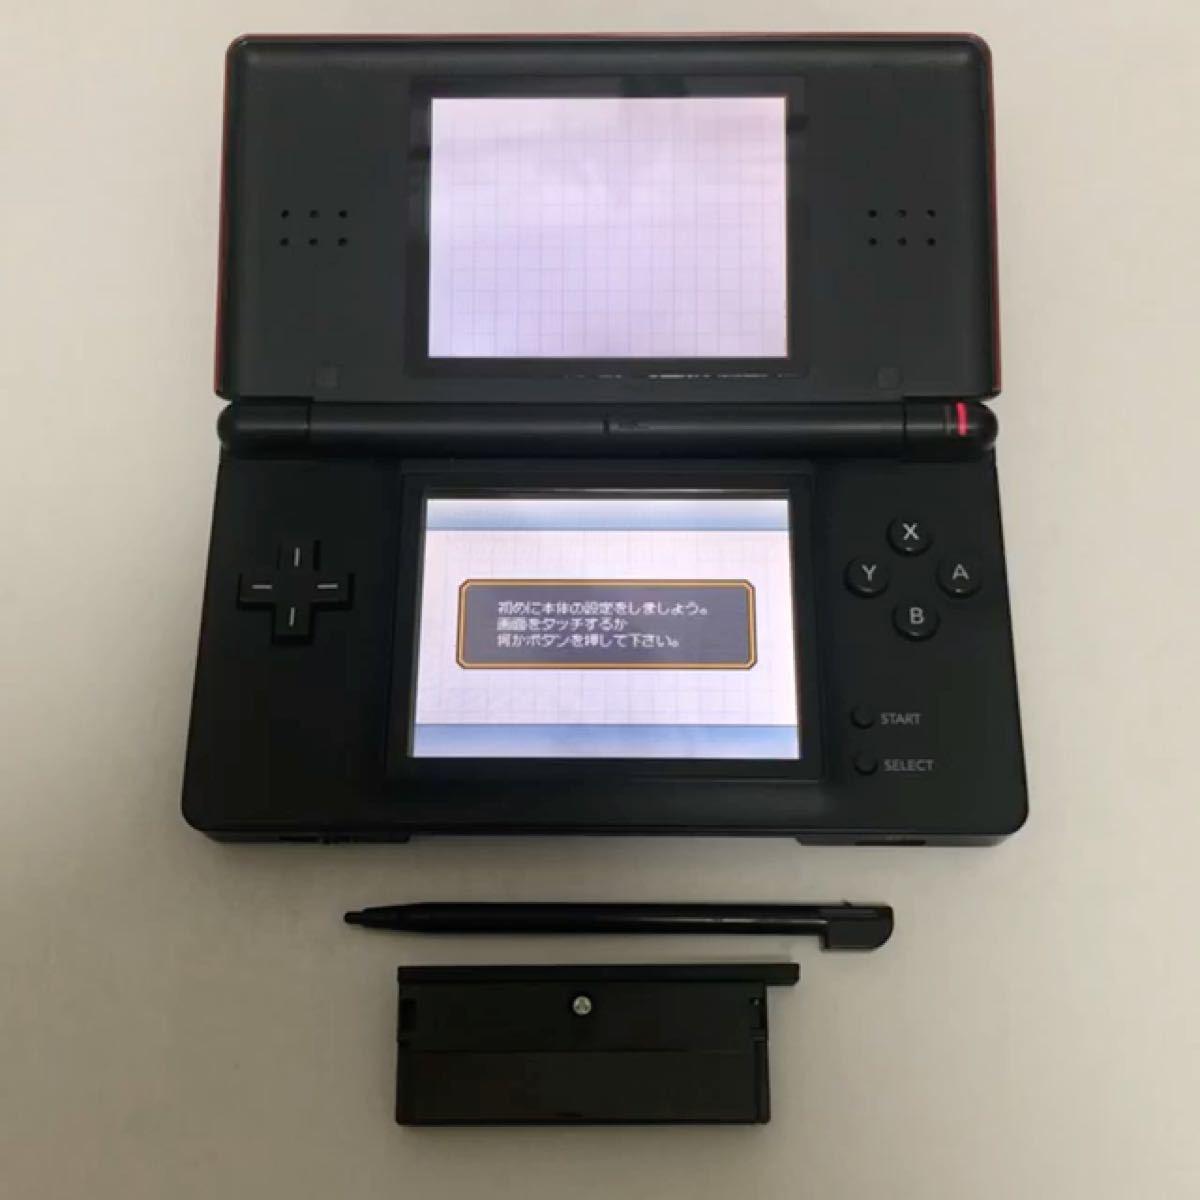 タイムセール! 任天堂 ニンテンドーDS Lite クリムゾン/ブラック 本体 ゲーム起動確認済